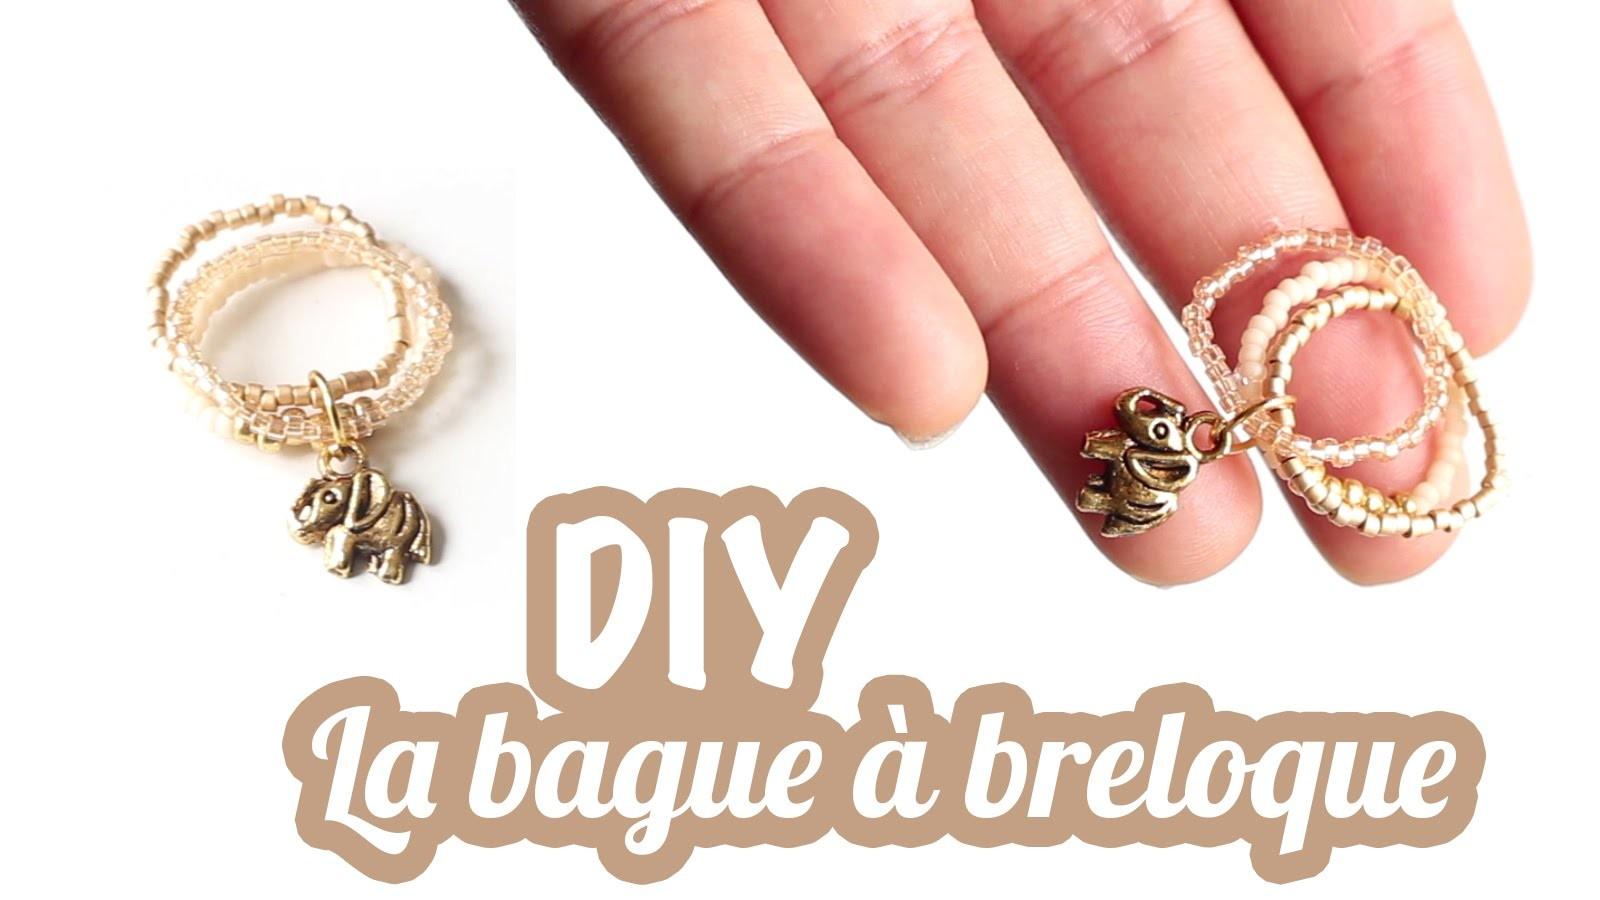 DIY # TUTO La bague à breloque